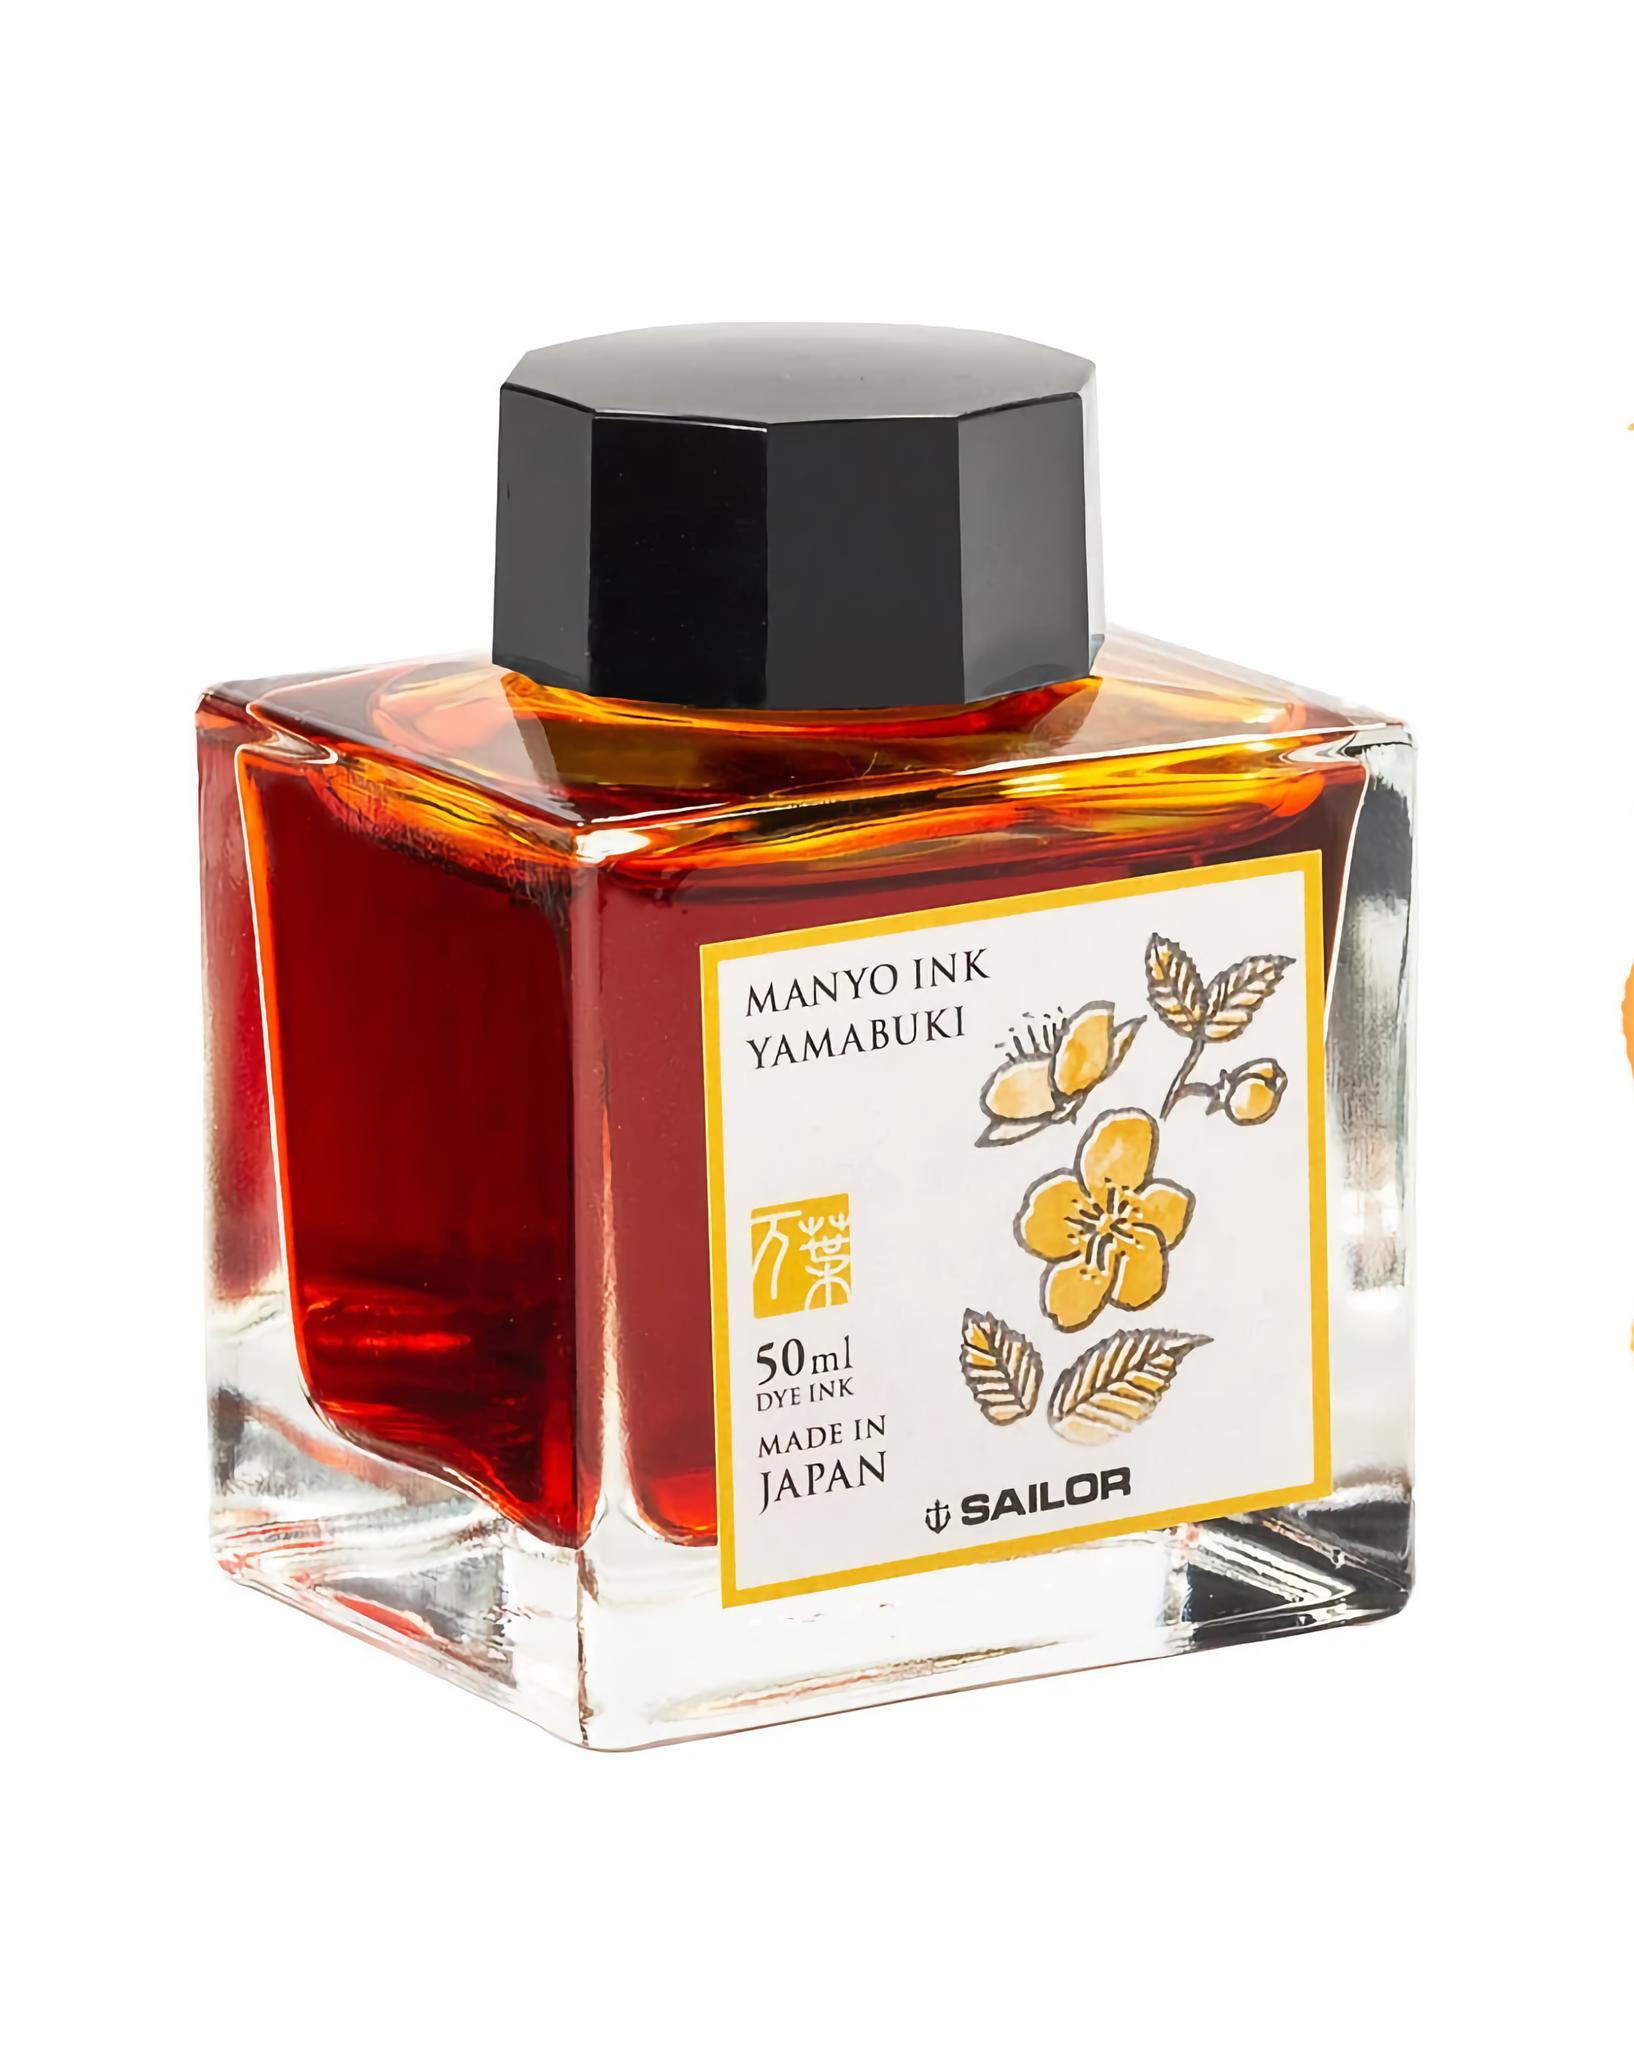 Sailor Manyo Ink Yamabuki 50 ml